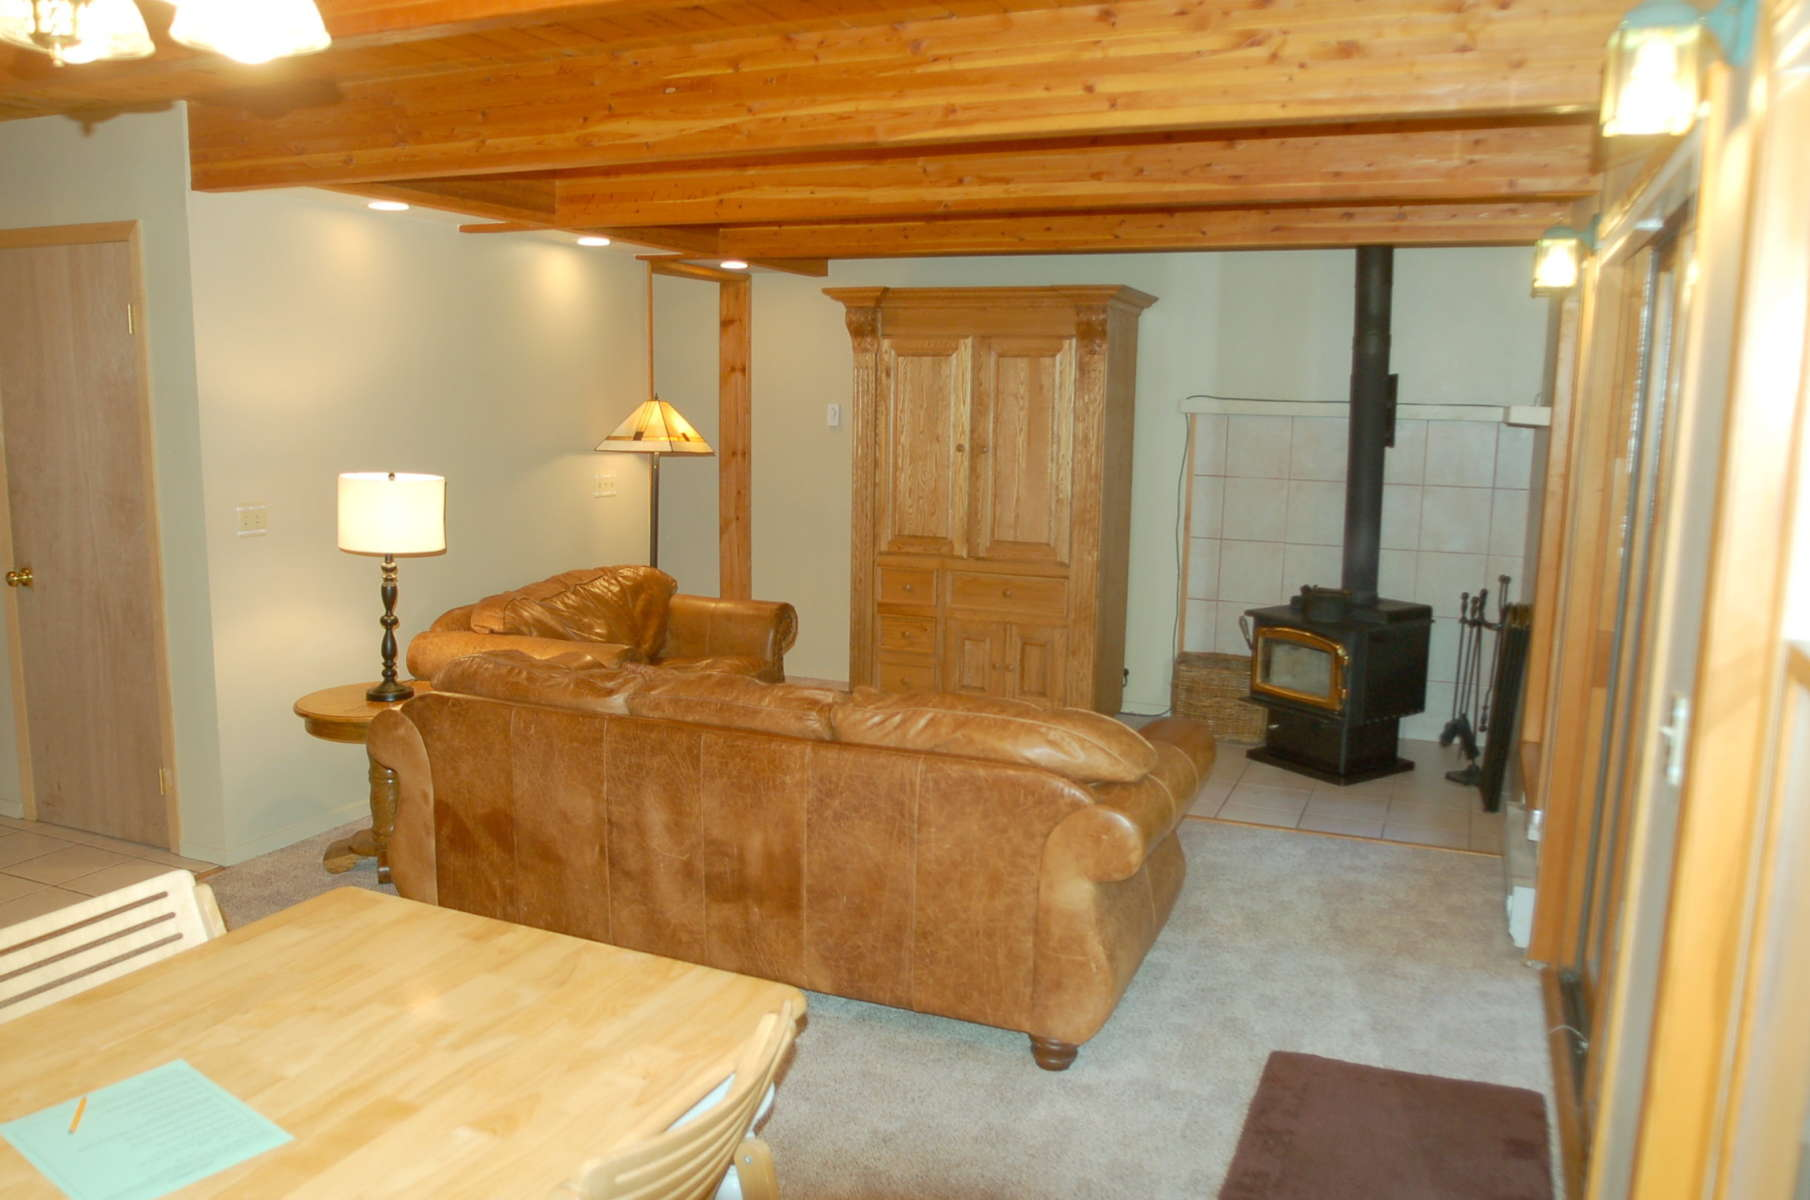 Mt baker lodging cabin 49 mt baker lodging wa 18 for Mount baker cabins